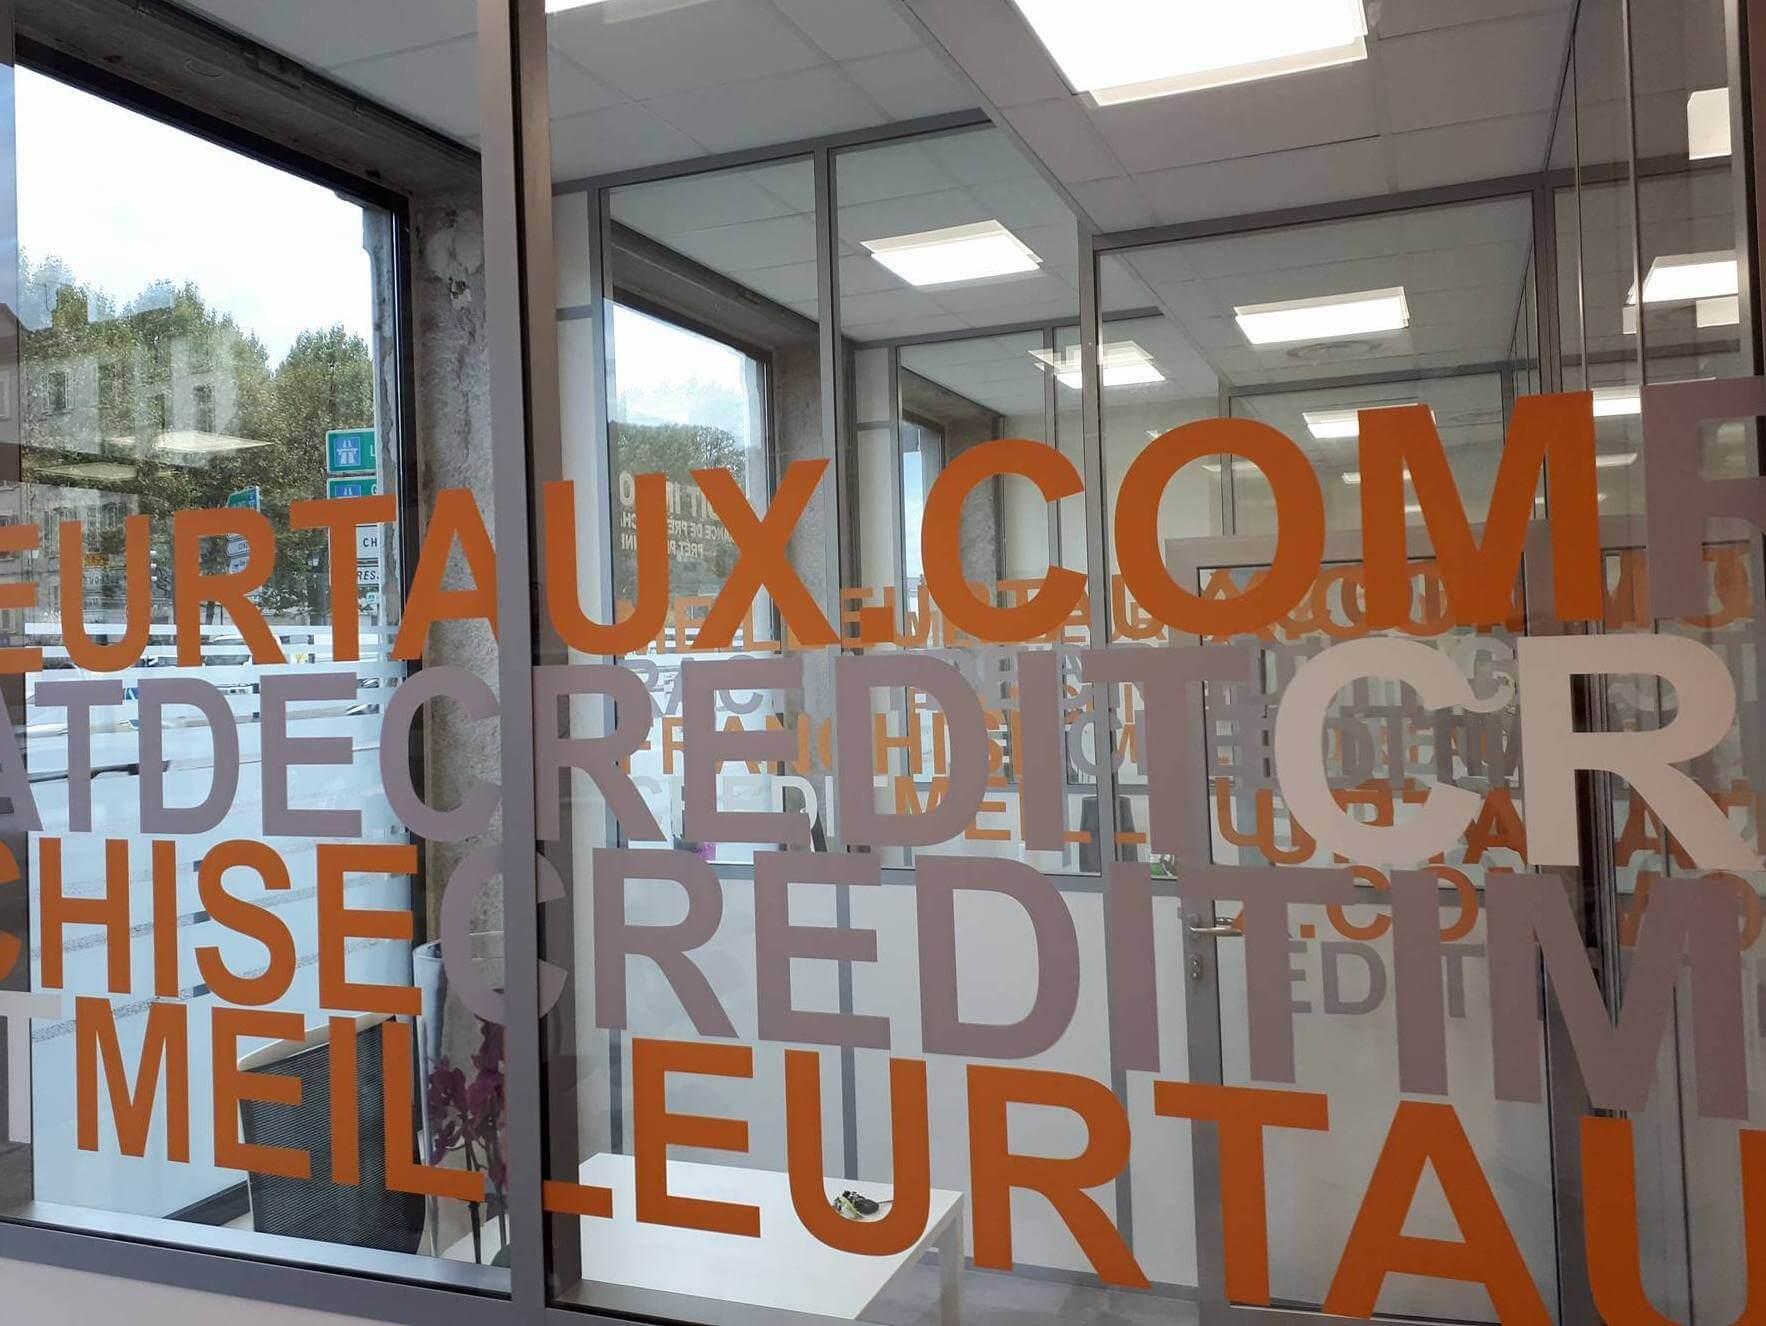 Vitrophanie- Enseigne lumineuse drapeau- Lettres découpées Rétro-éclairées par SES Grigny-Lyon